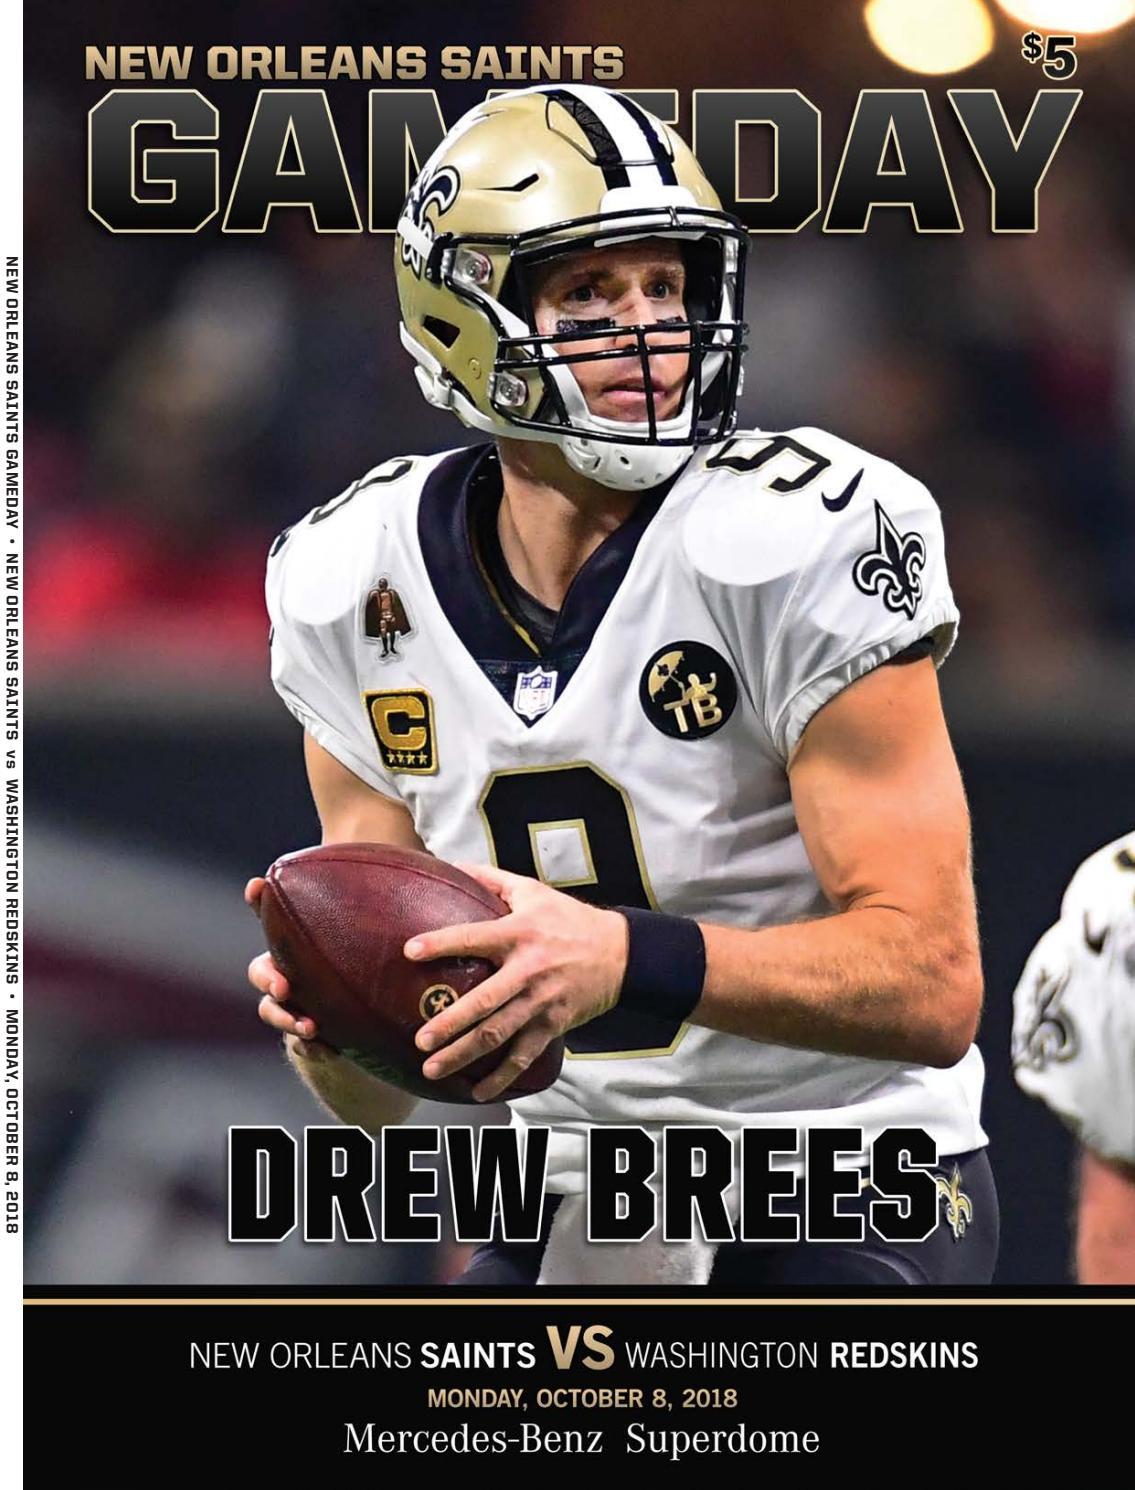 c6520c7d0 New Orleans Saints Gameday